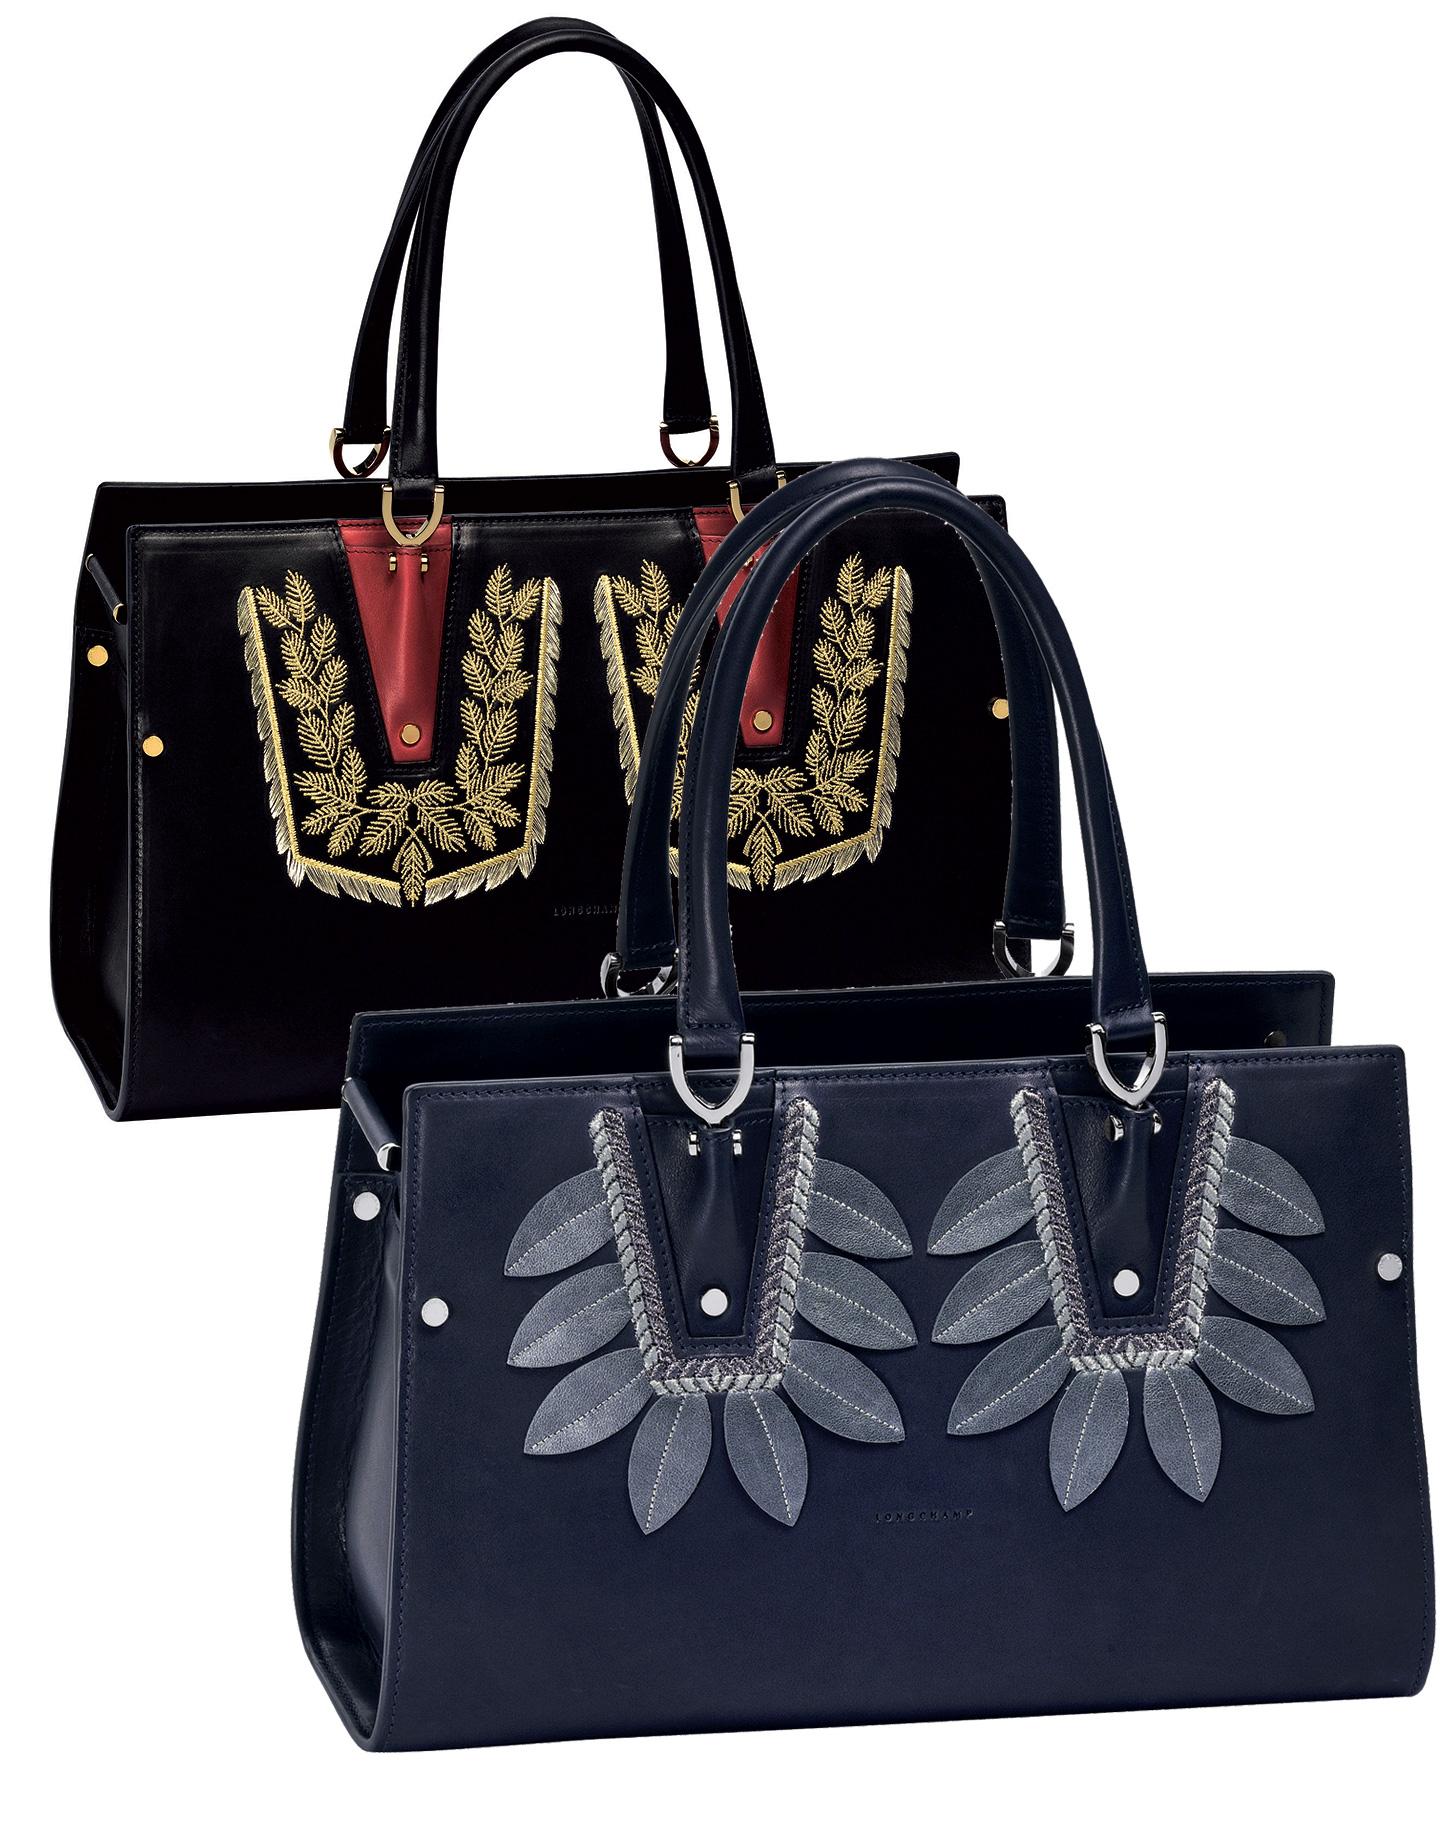 mode-luxe-nouveau-flagship-longchamp-saint-honore-sac-paris-premier